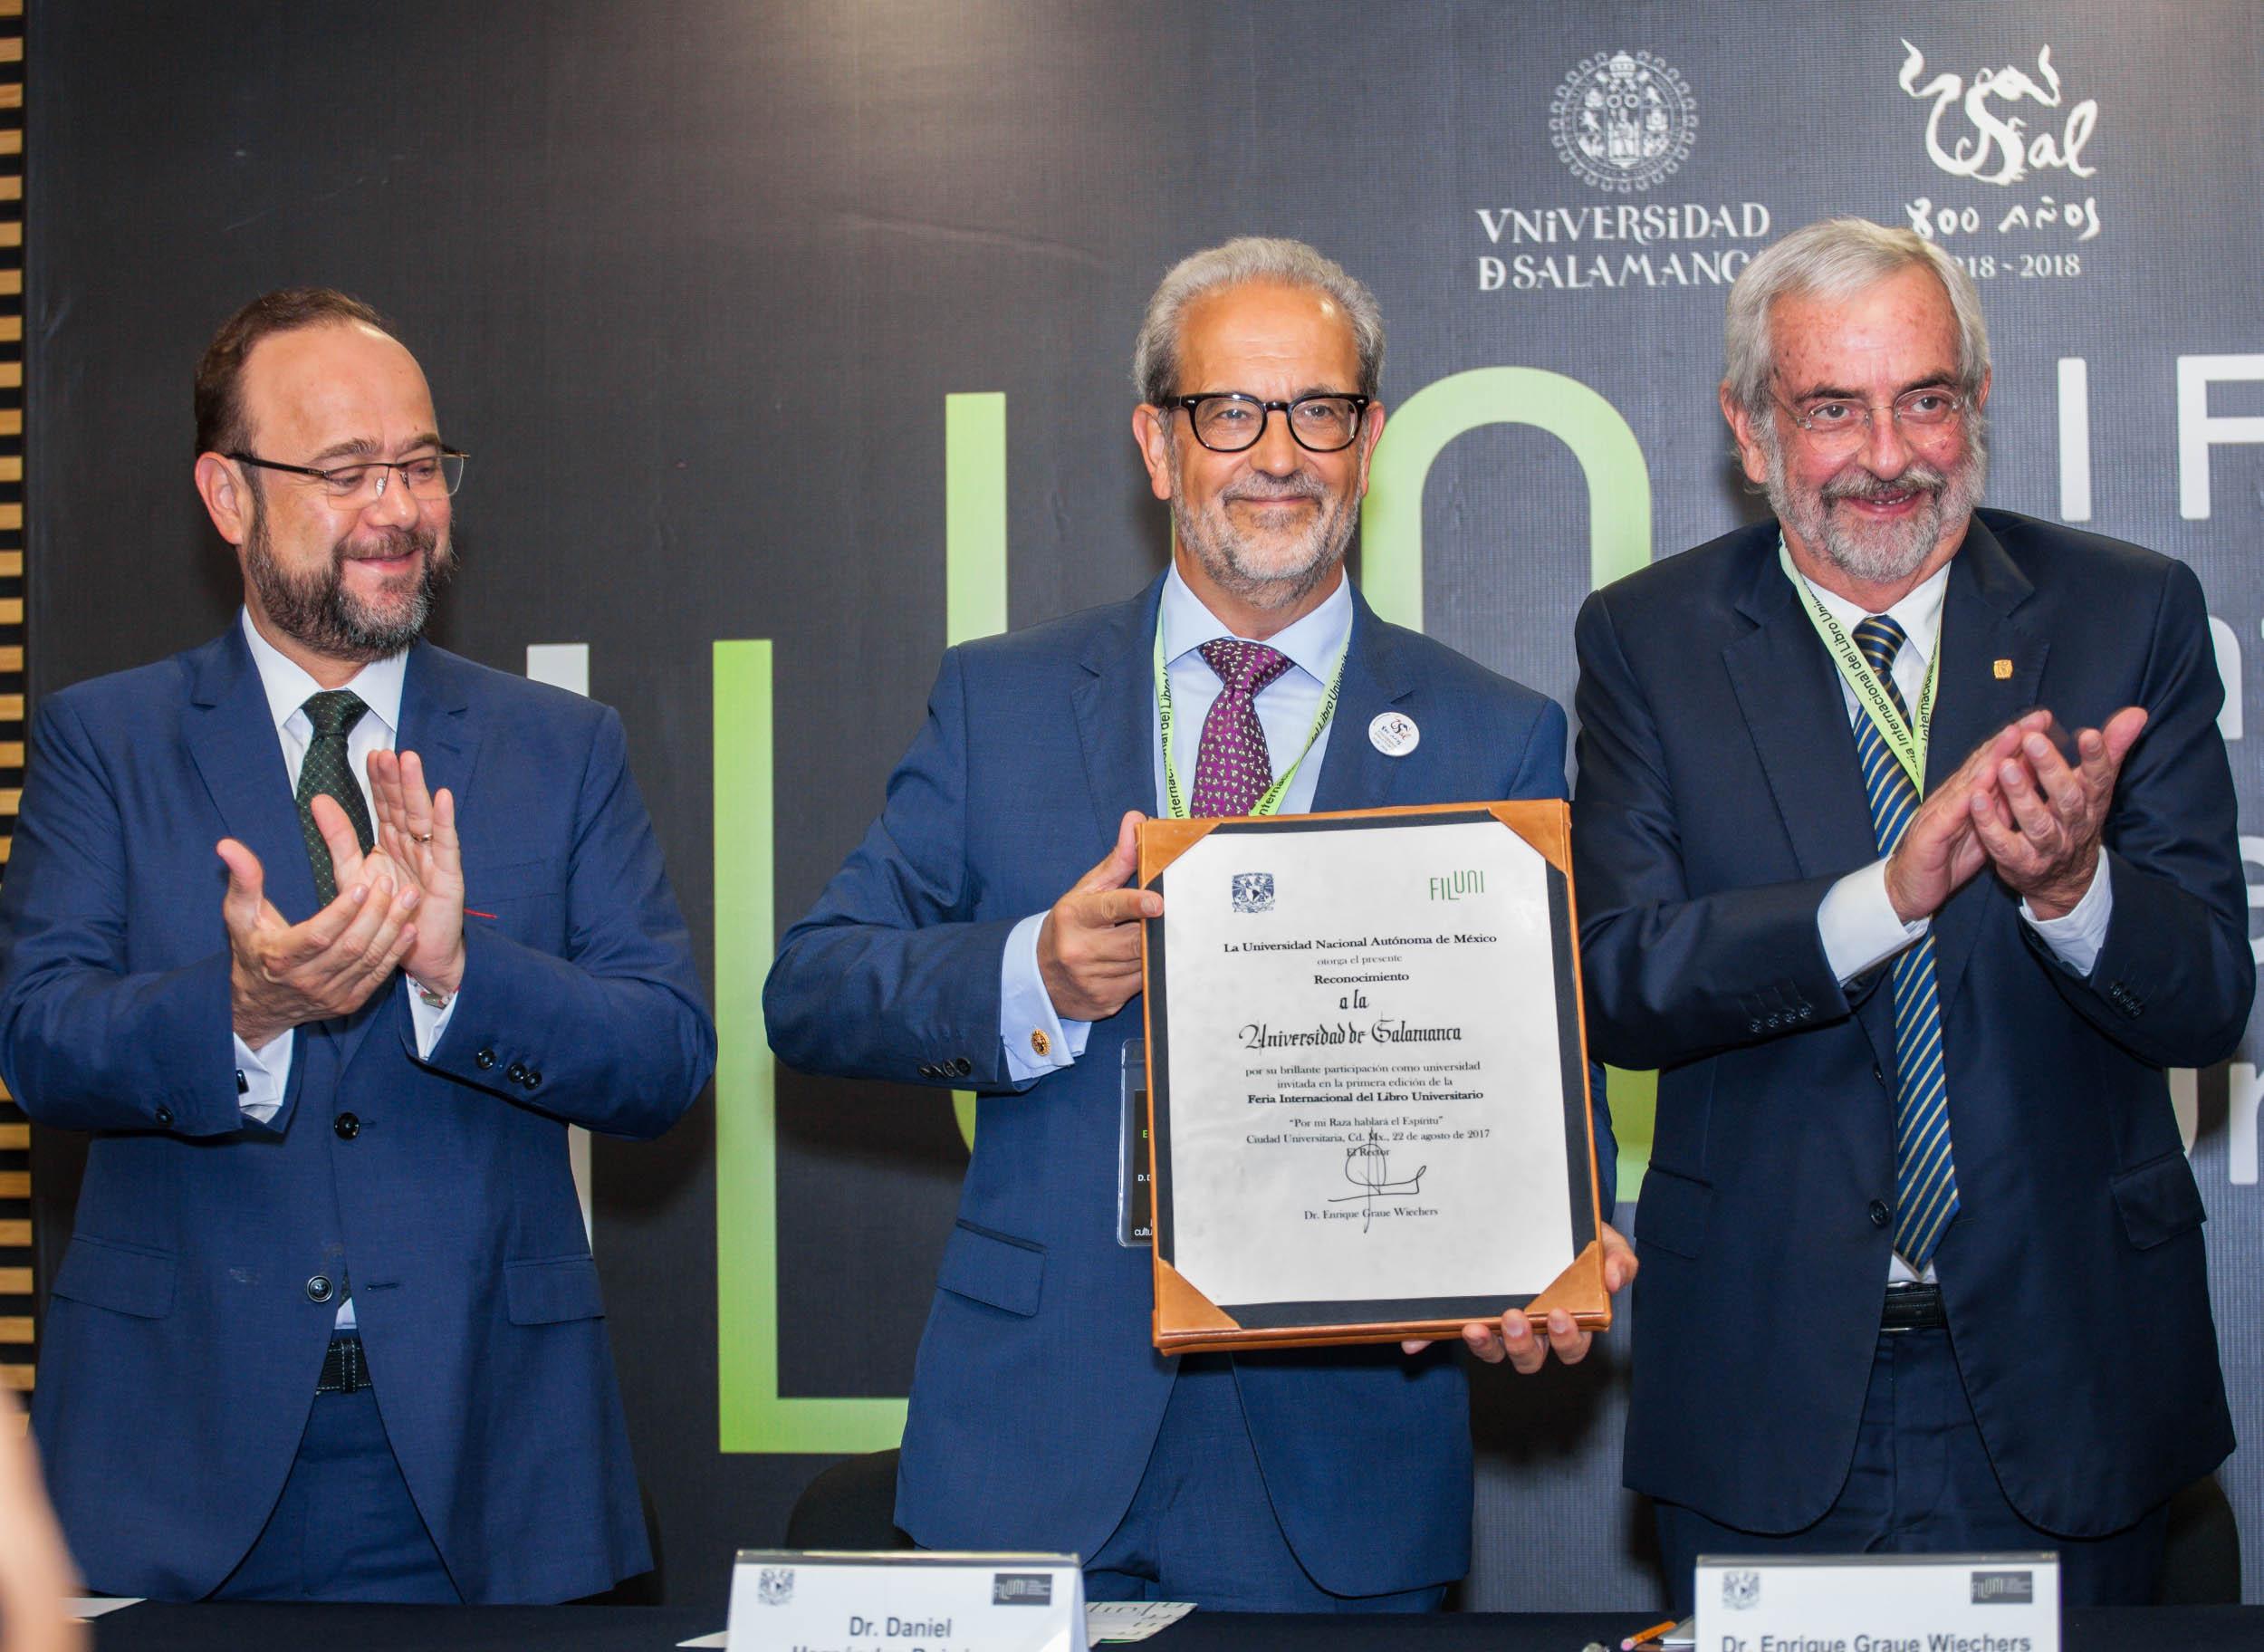 El rector Daniel Hernández Ruipérez recibe un diploma acreditativo en la inauguración de FILUNI